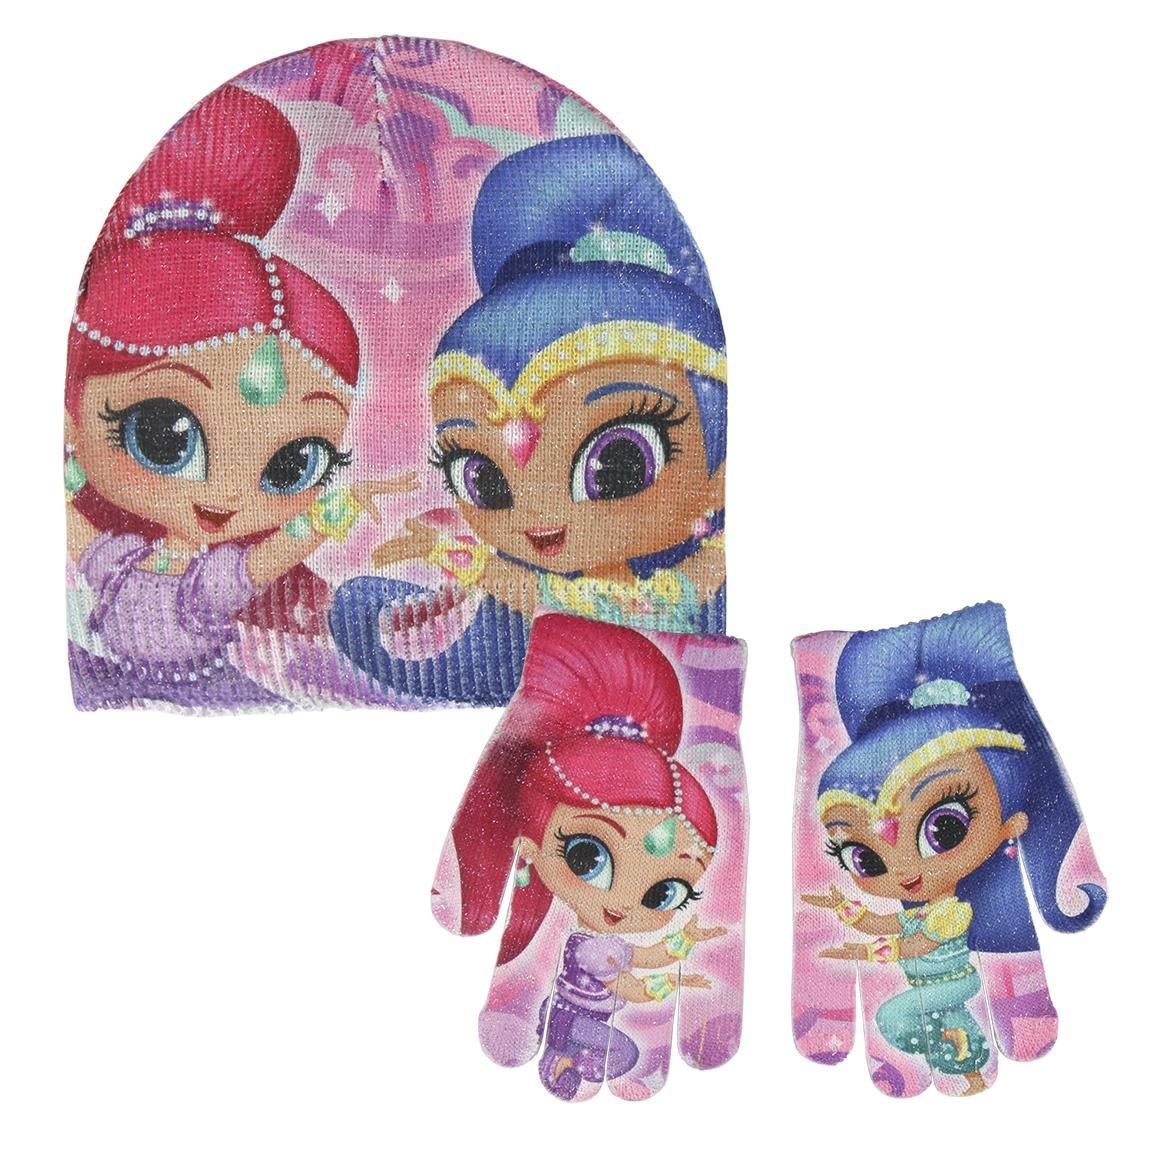 Rosa 001 Unica Cerd/á 2200002462 Set sciarpa guanti e cappello Bambino, Taglia Produttore: /única